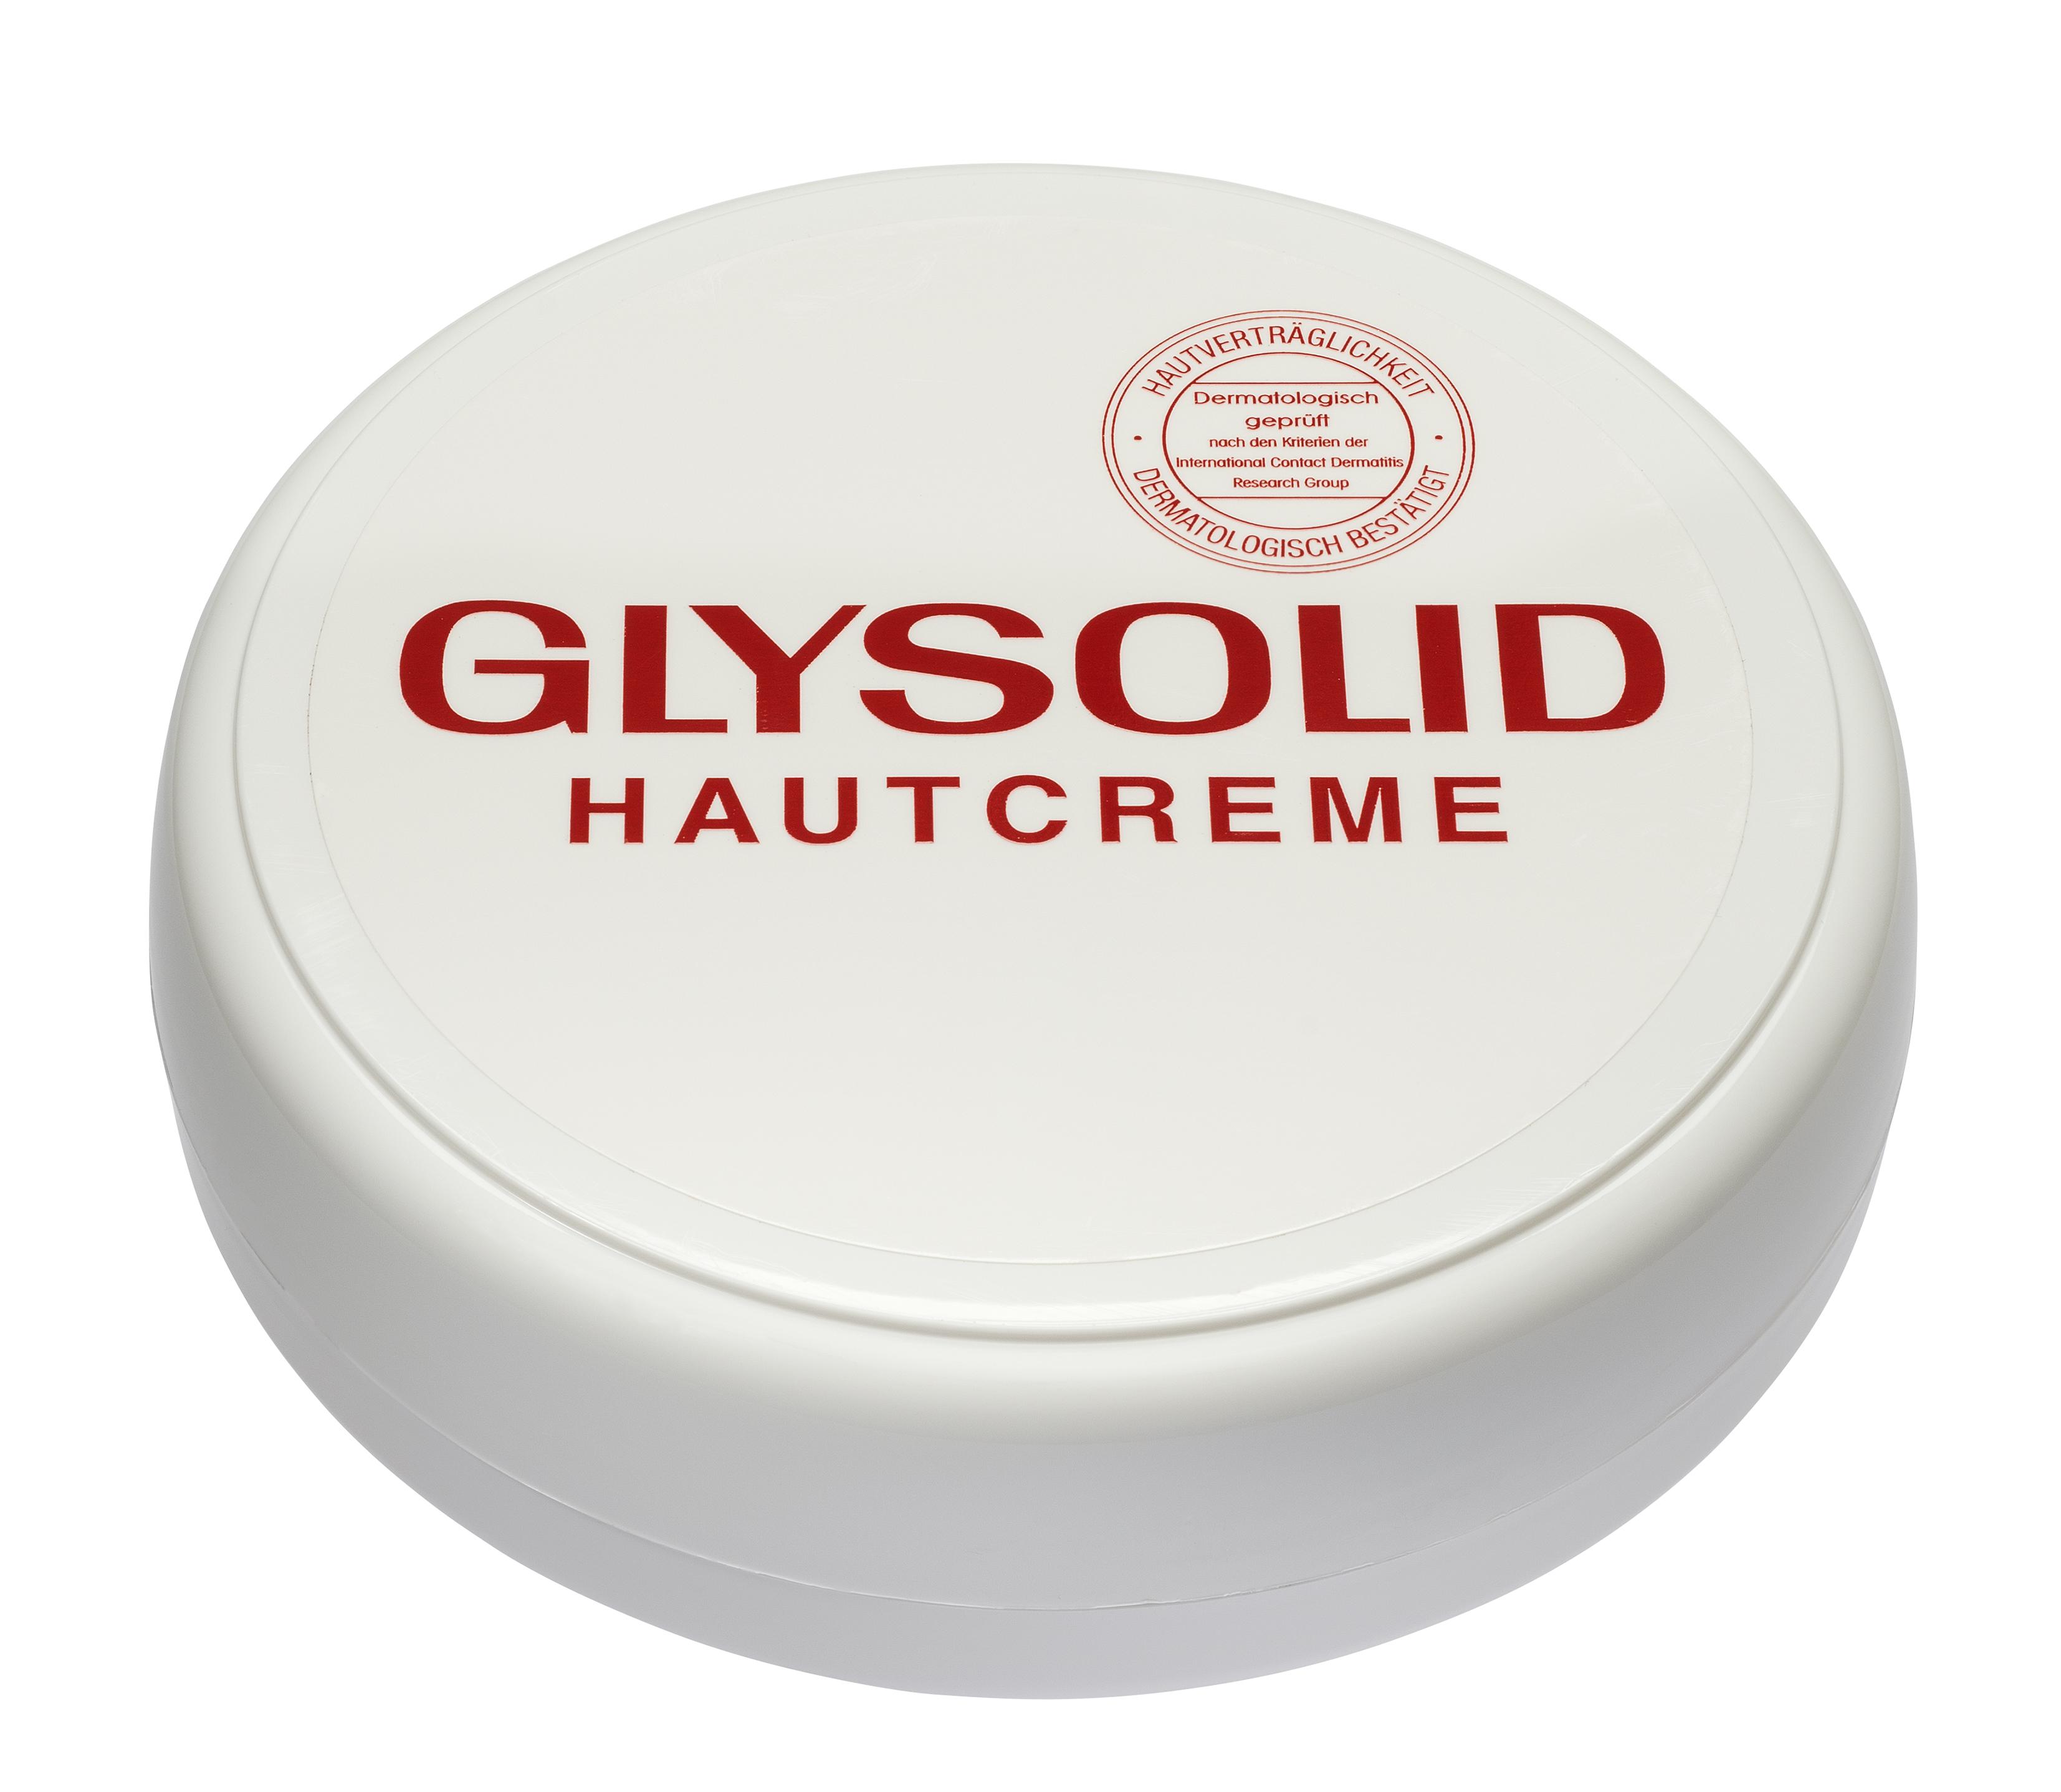 Glysolid Крем для сухой кожи рук с глицерином 100 мл780031Легкий увлажняющий крем для кожи на основе глицерина и аллантоина Glysolid - проверенное европейское средство для интенсивного ухода за нормальной и сухой кожей. Glysolid увлажняет, питает, защищает, поддерживает регенерацию и естественную влажность кожи. Легкий состав крема отлично распределяется по коже и быстро впитывается, не оставляя жирной и липкой пленки. Без консервантов, красителей, парабенов, дерматологически протестирован.